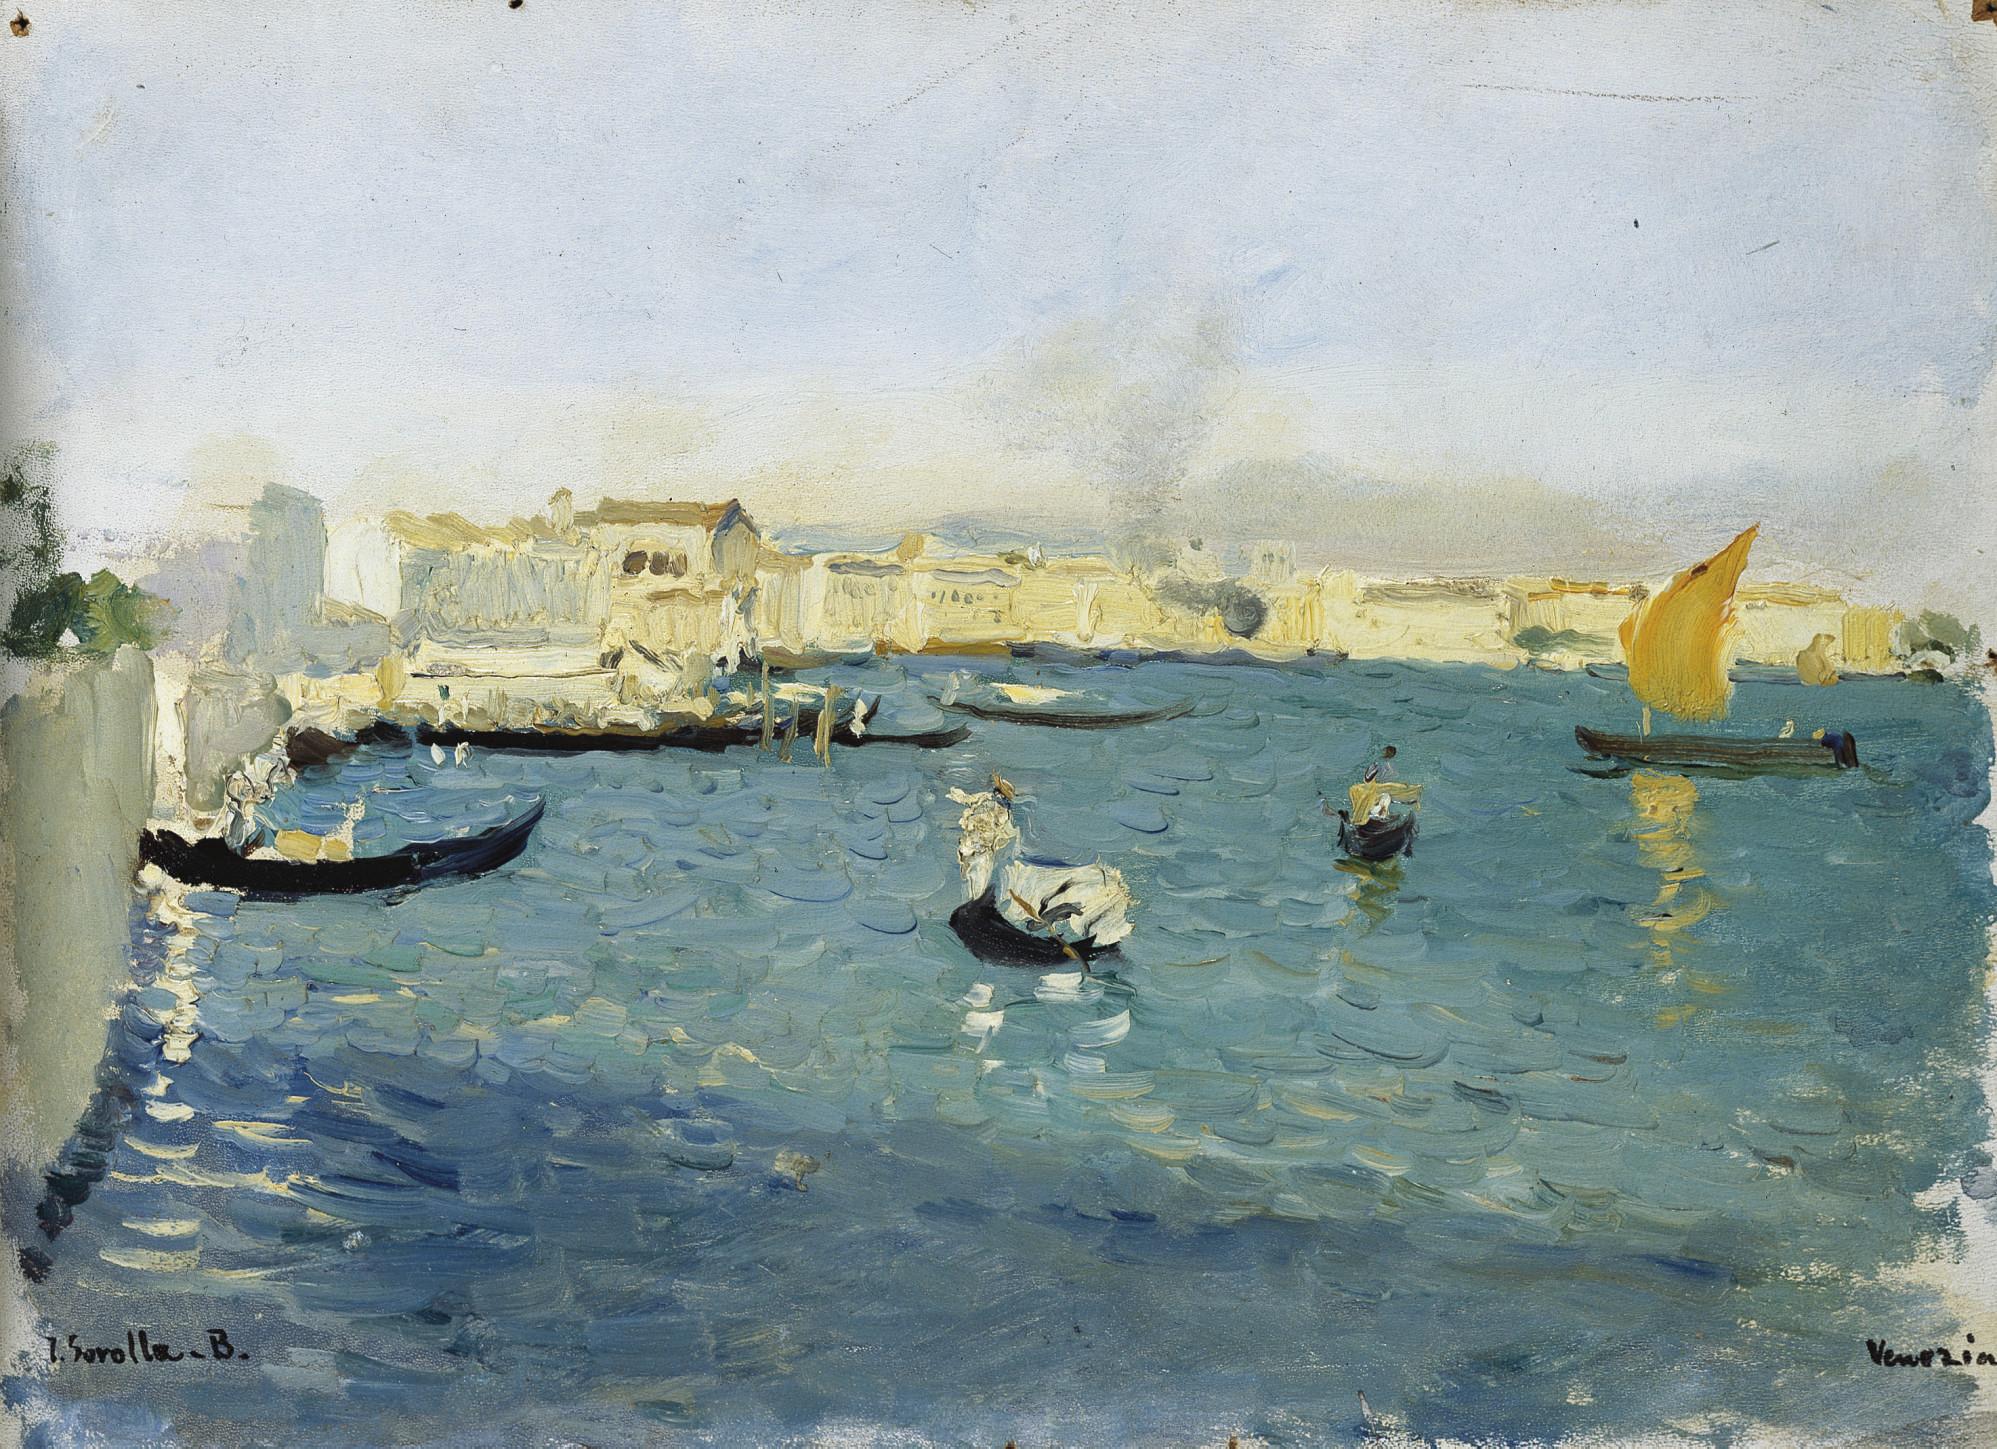 Venecia: Venice